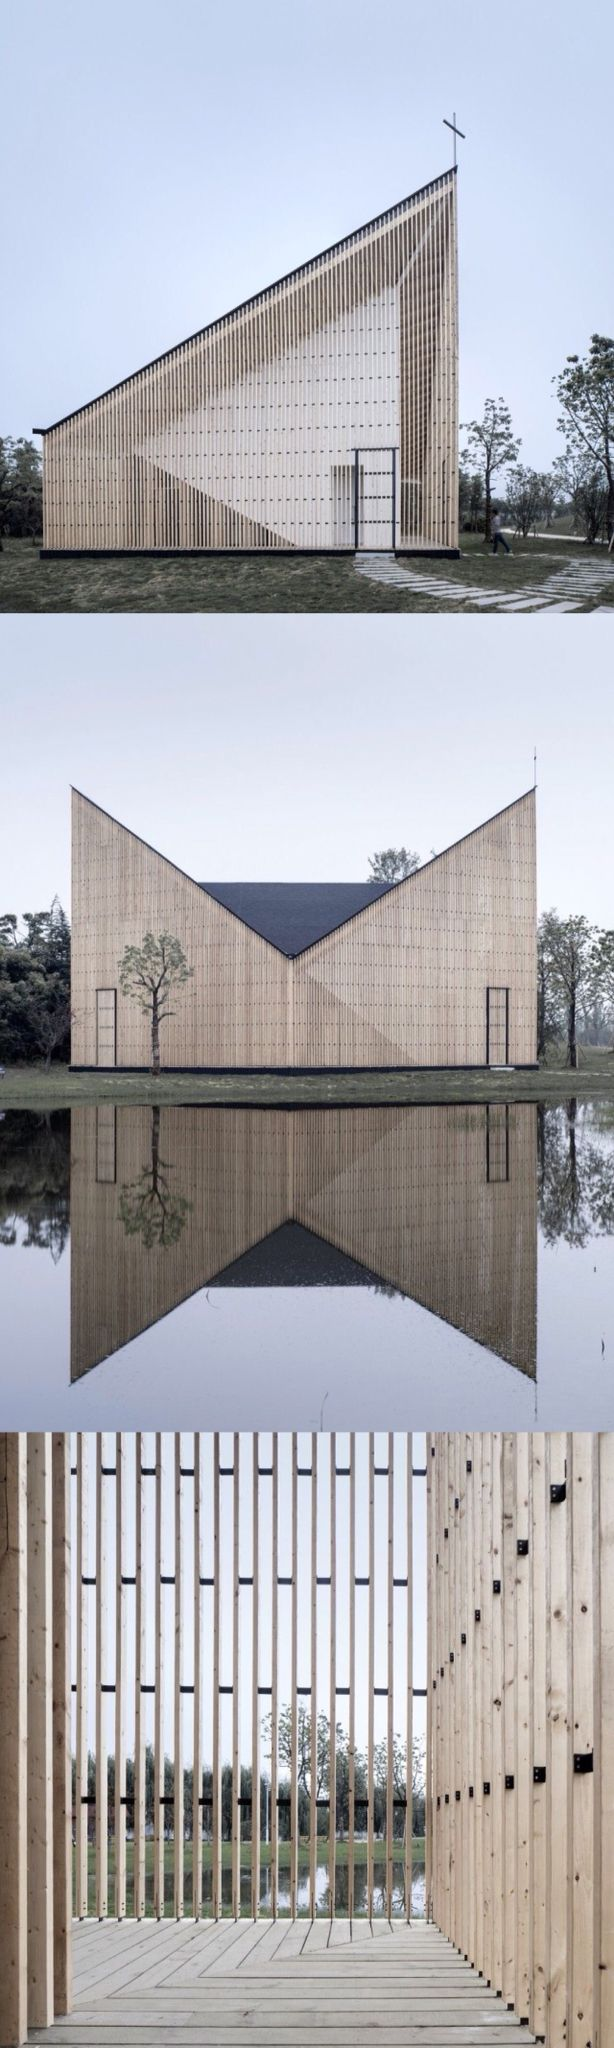 Concepto arquitectónico. Idea generalizada, que proyecta las necesidades y sus soluciones en el edificio.